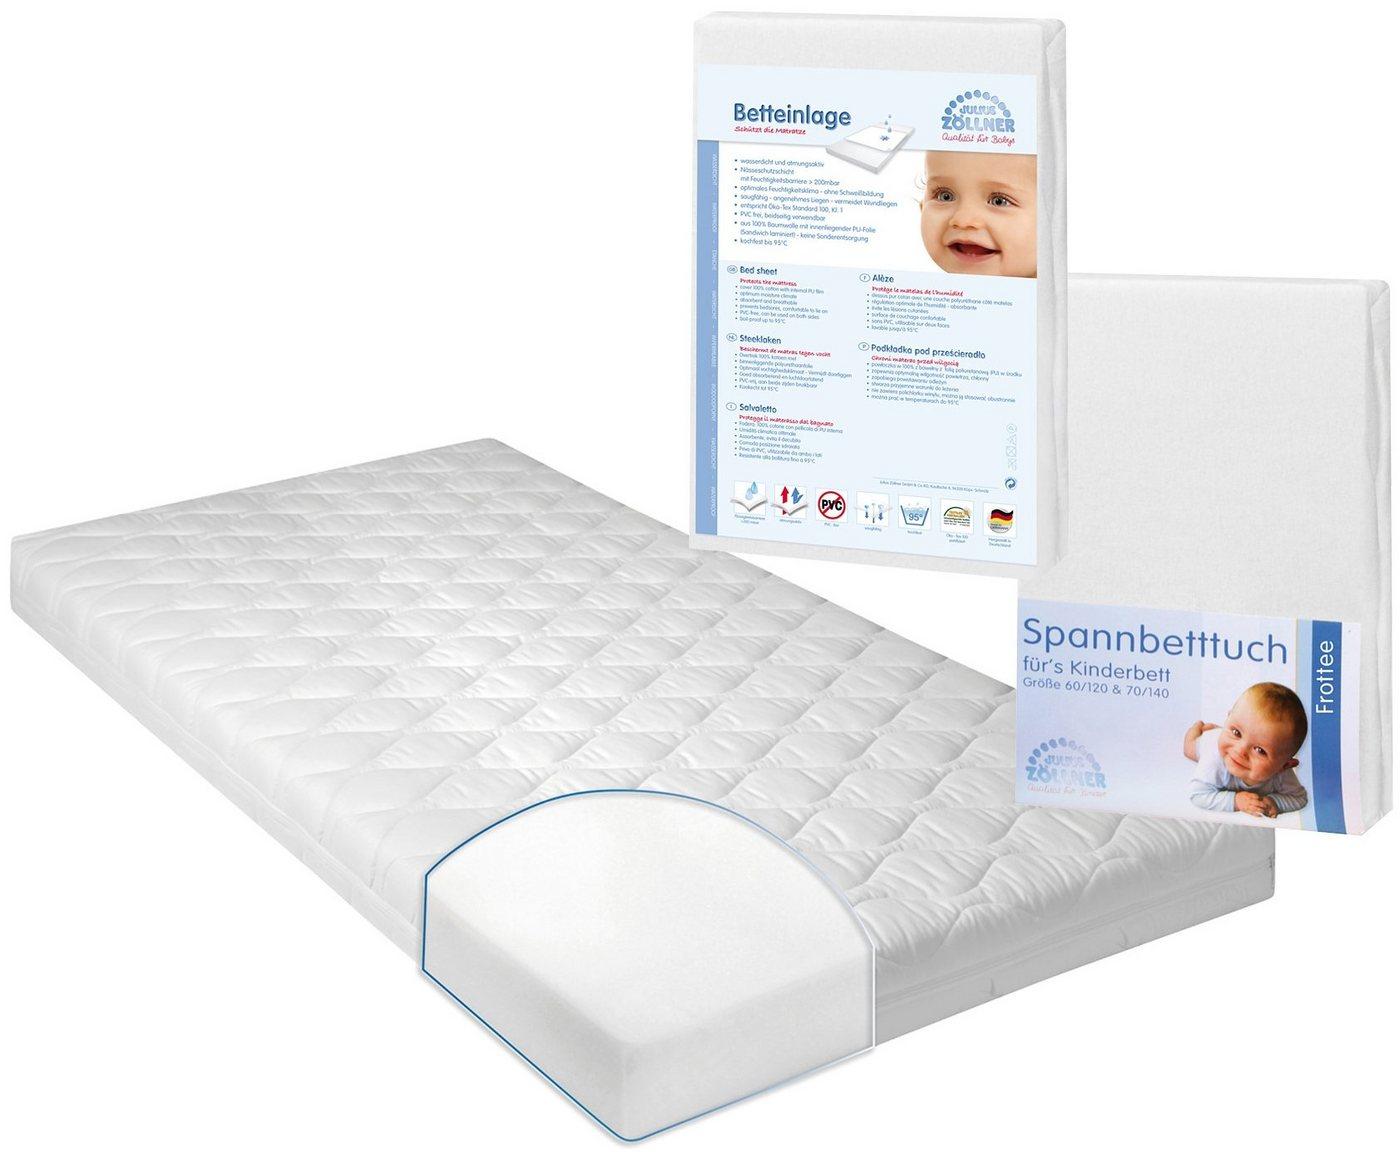 Babymatratzen - Babymatratze »Jan 1«, Zöllner, 8 cm hoch, (Set), mit Betteinlage und Spannbetttuch  - Onlineshop OTTO